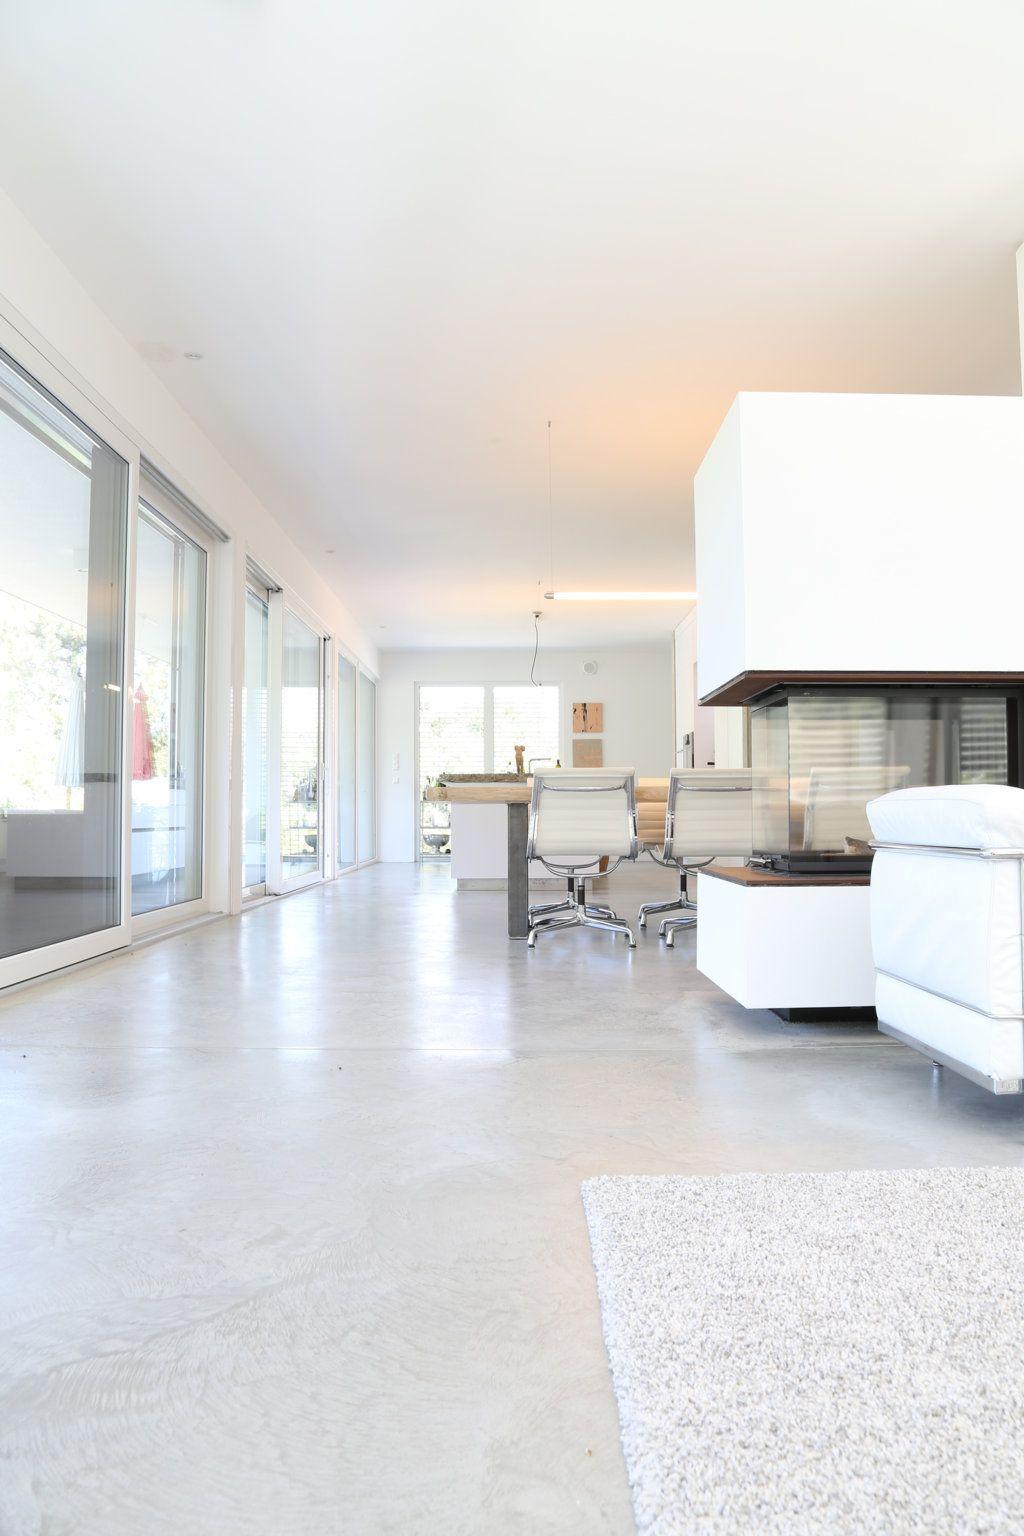 bauhaus villa in m nchen waldtrudering planung einfamilienhaus freier architekt fertighaus. Black Bedroom Furniture Sets. Home Design Ideas